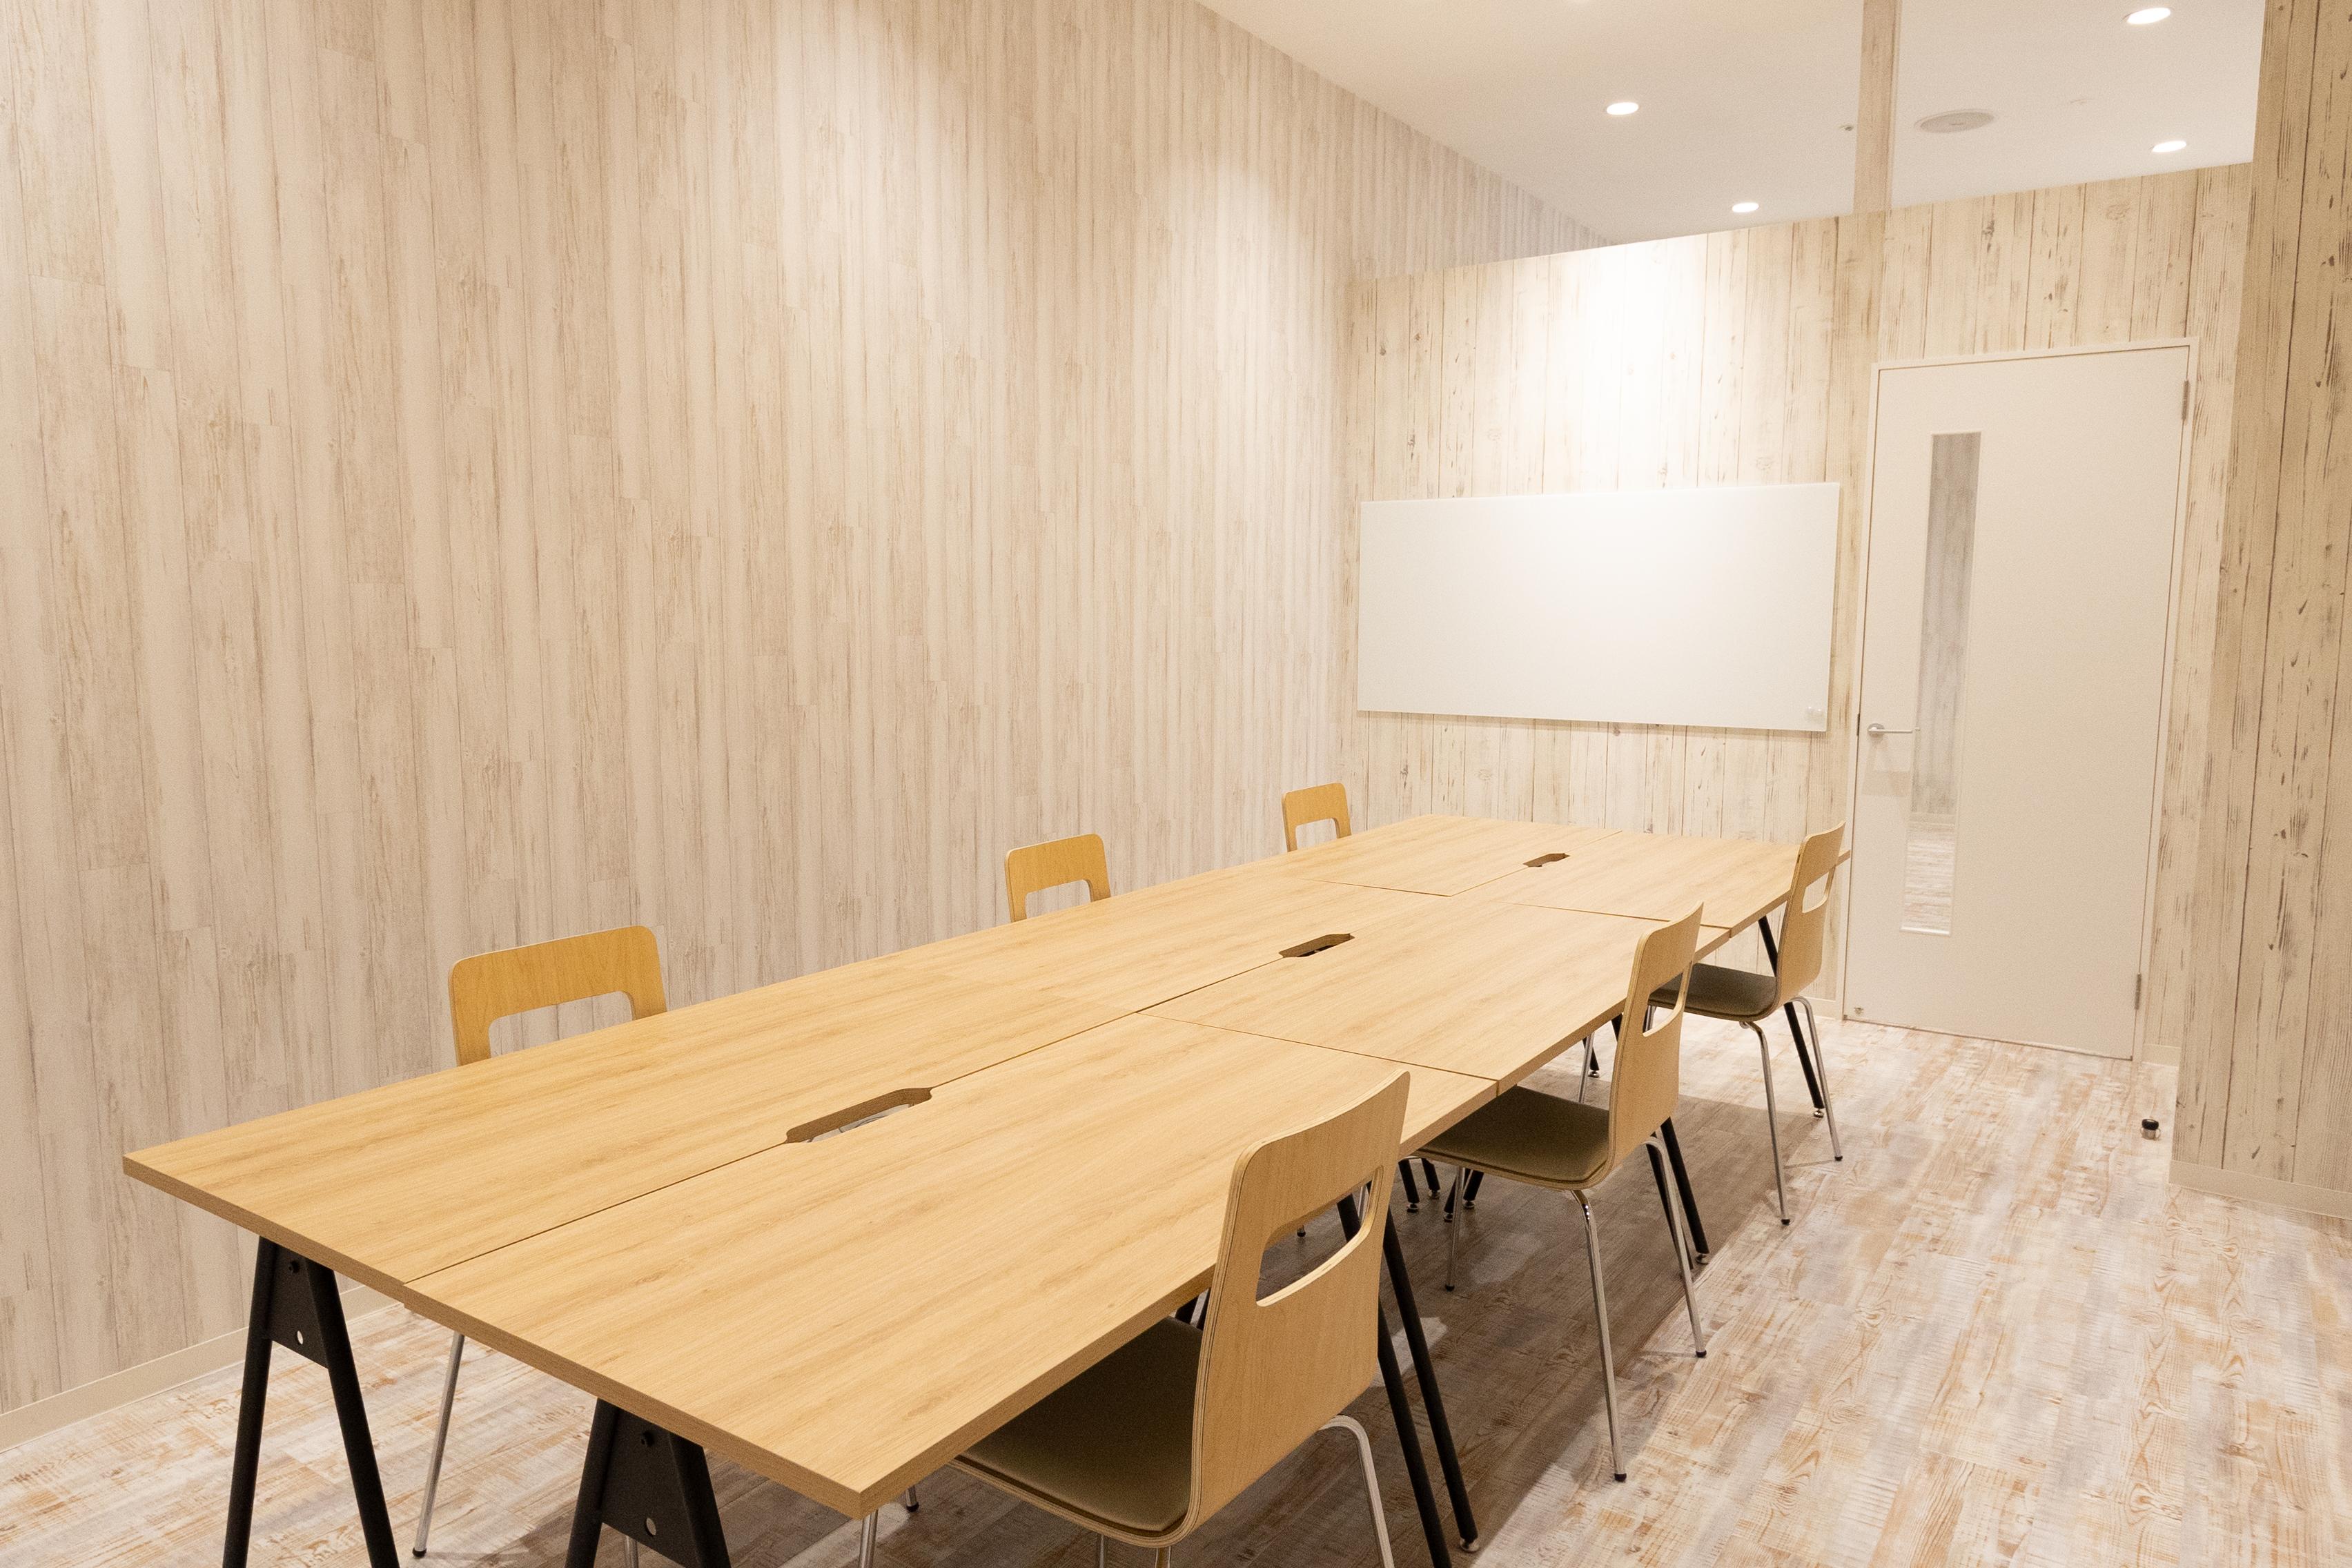 【新規OPEN】町田マルイスタジオ3月1日オープンしました!